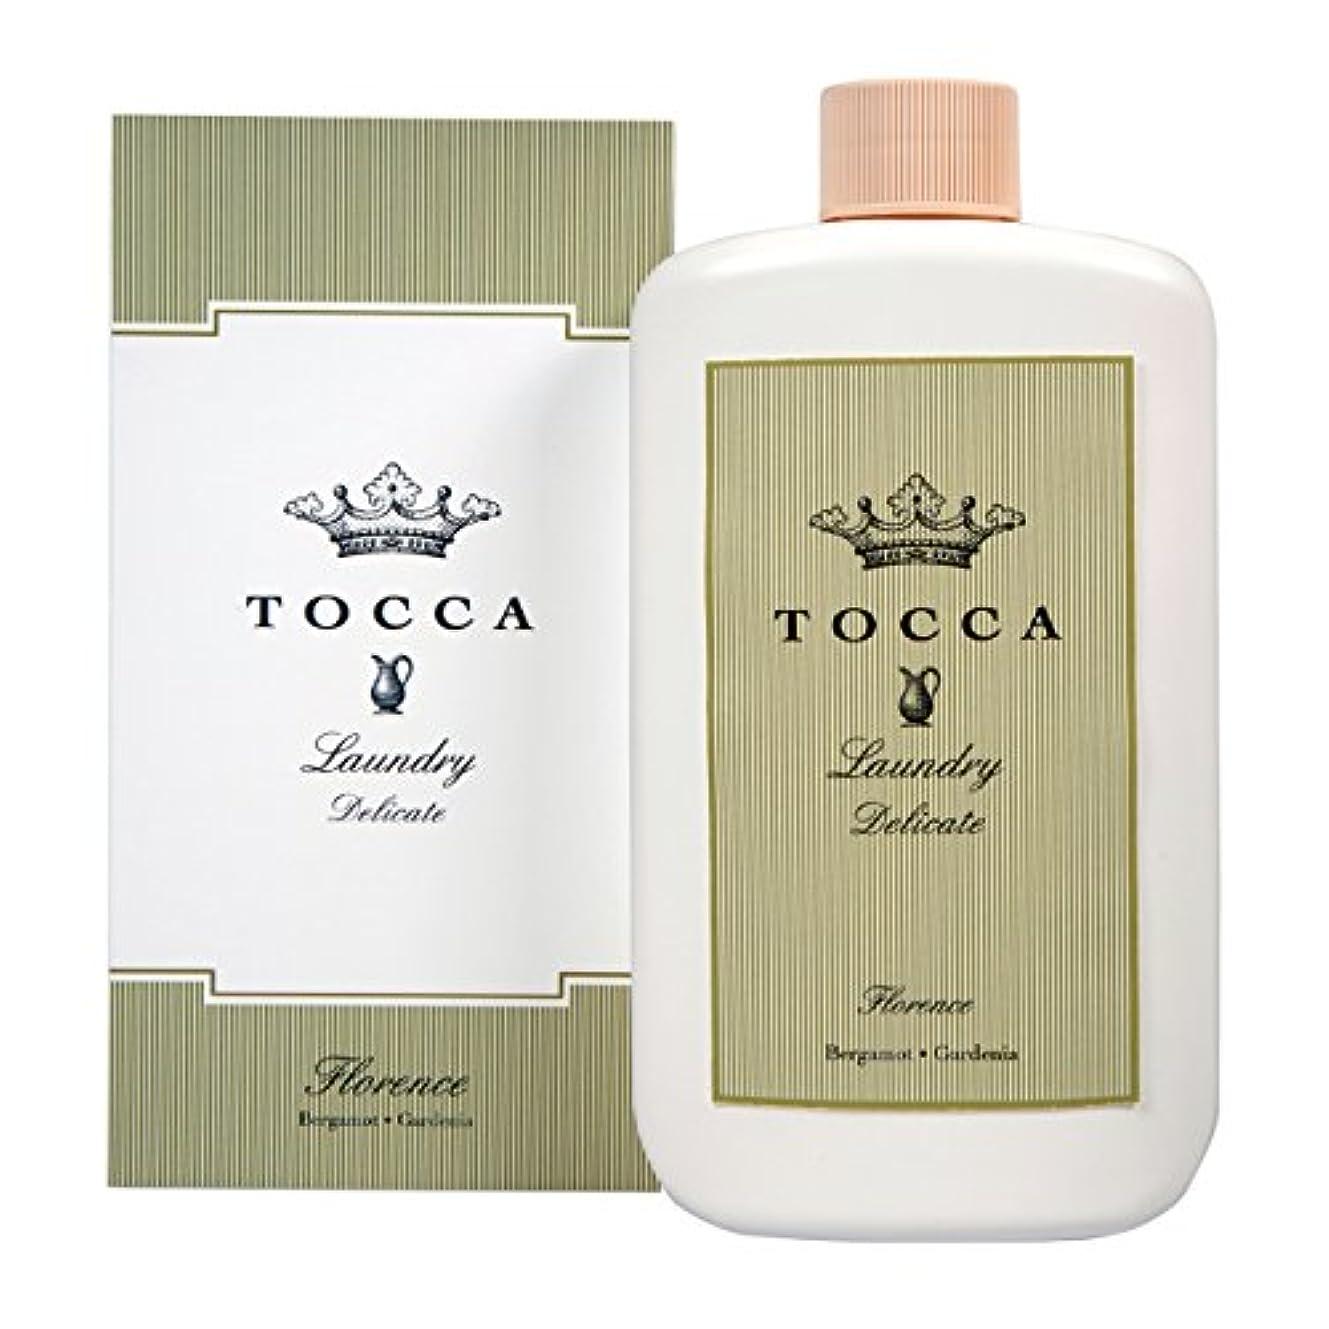 中絶陸軍大佐トッカ(TOCCA) ランドリーデリケート フローレンスの香り 235ml (デリケート素材用洗剤 洗濯用合成洗剤 ガーデニアとベルガモットが誘うように溶け合うどこまでも上品なフローラルの香り)